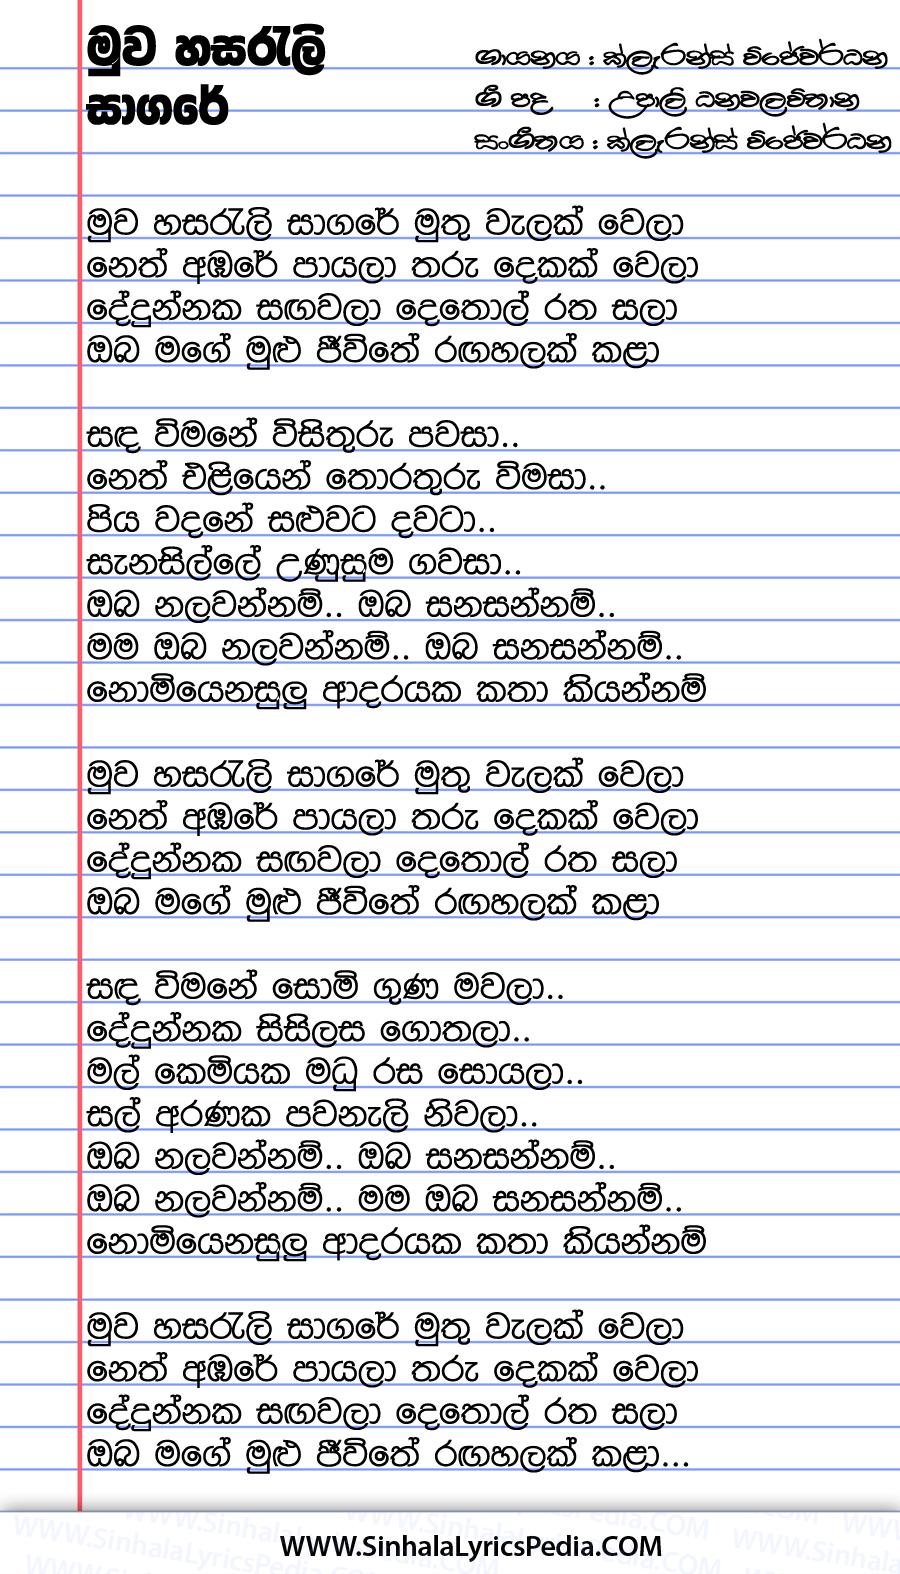 Muwa Hasarali Sagare Song Lyrics